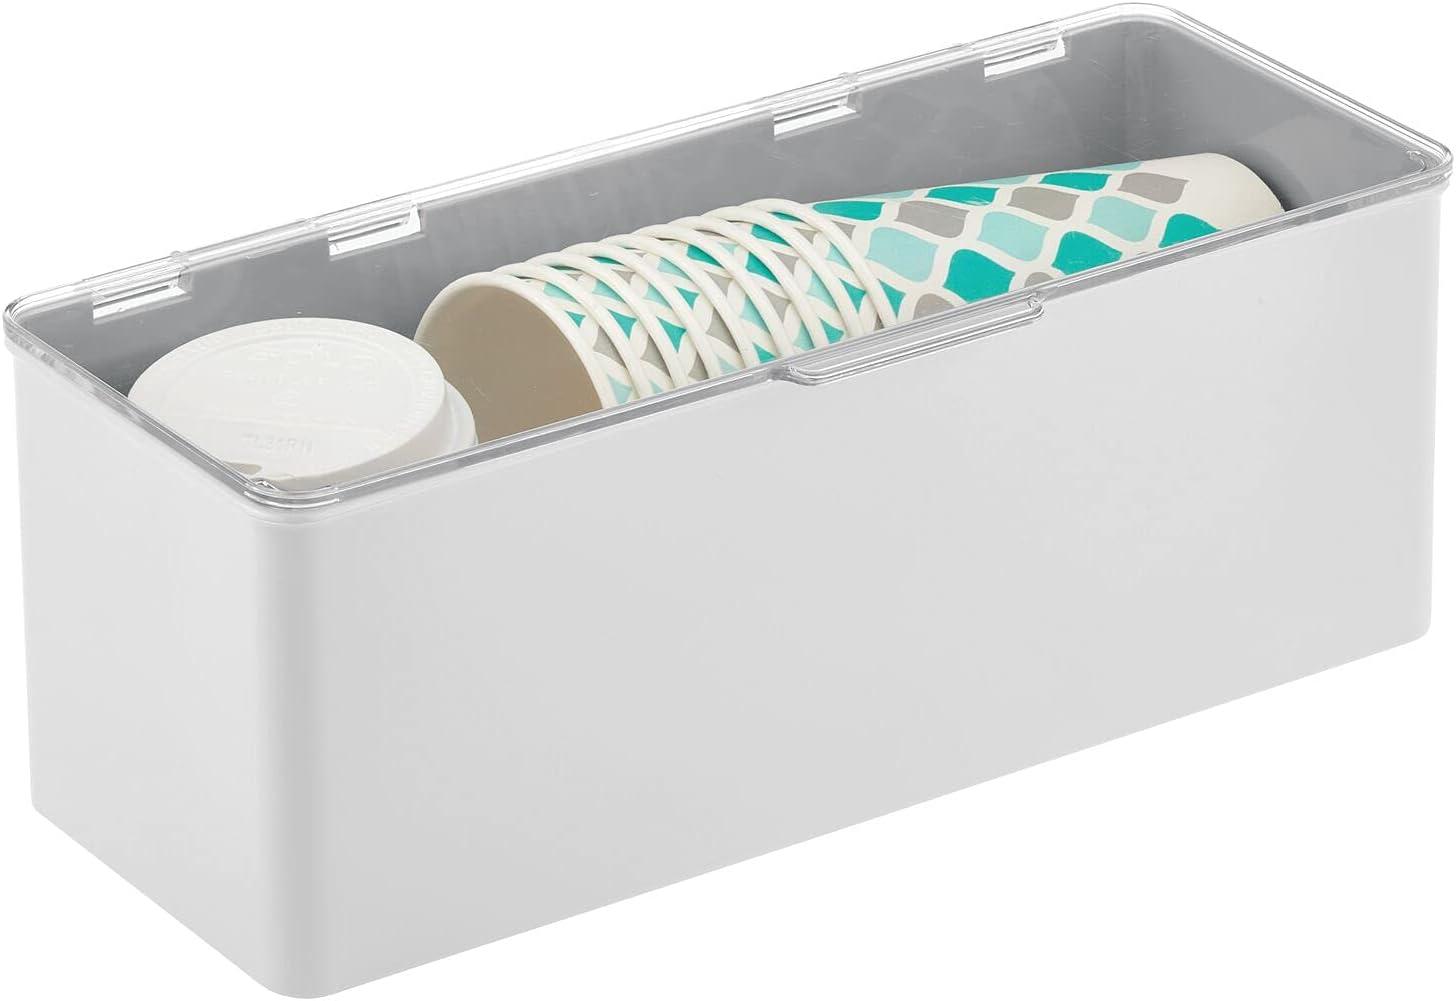 silberfarben und durchsichtig Wattestäbchenbehälter für das ...